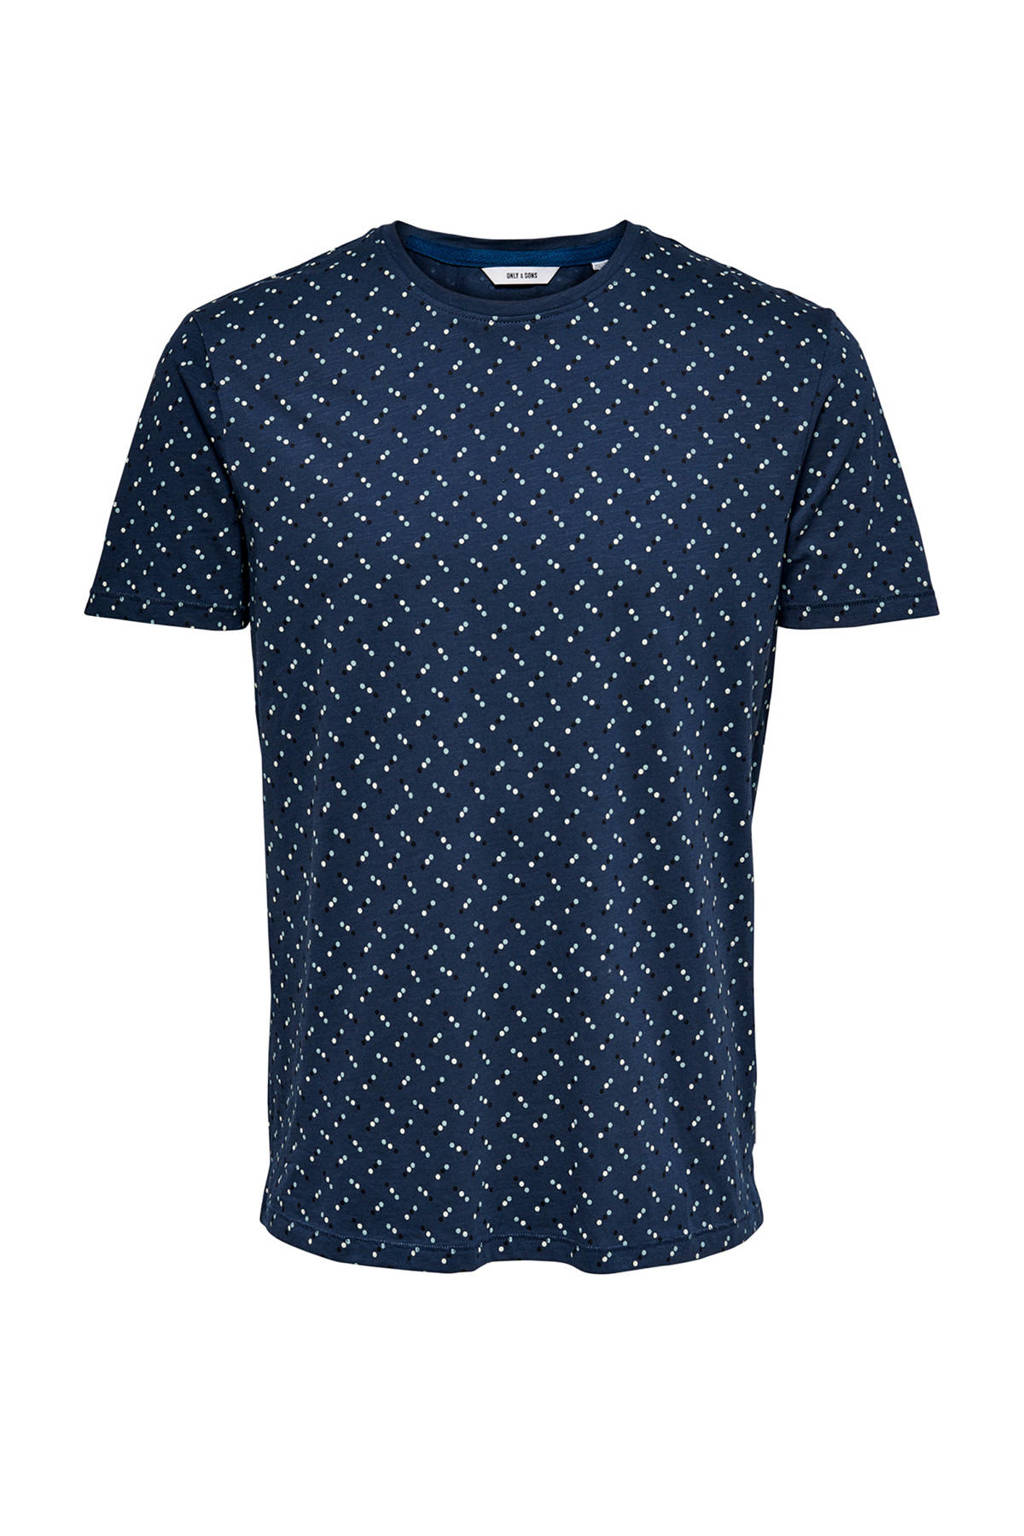 ONLY & SONS T-shirt van biologisch katoen marine, Marine